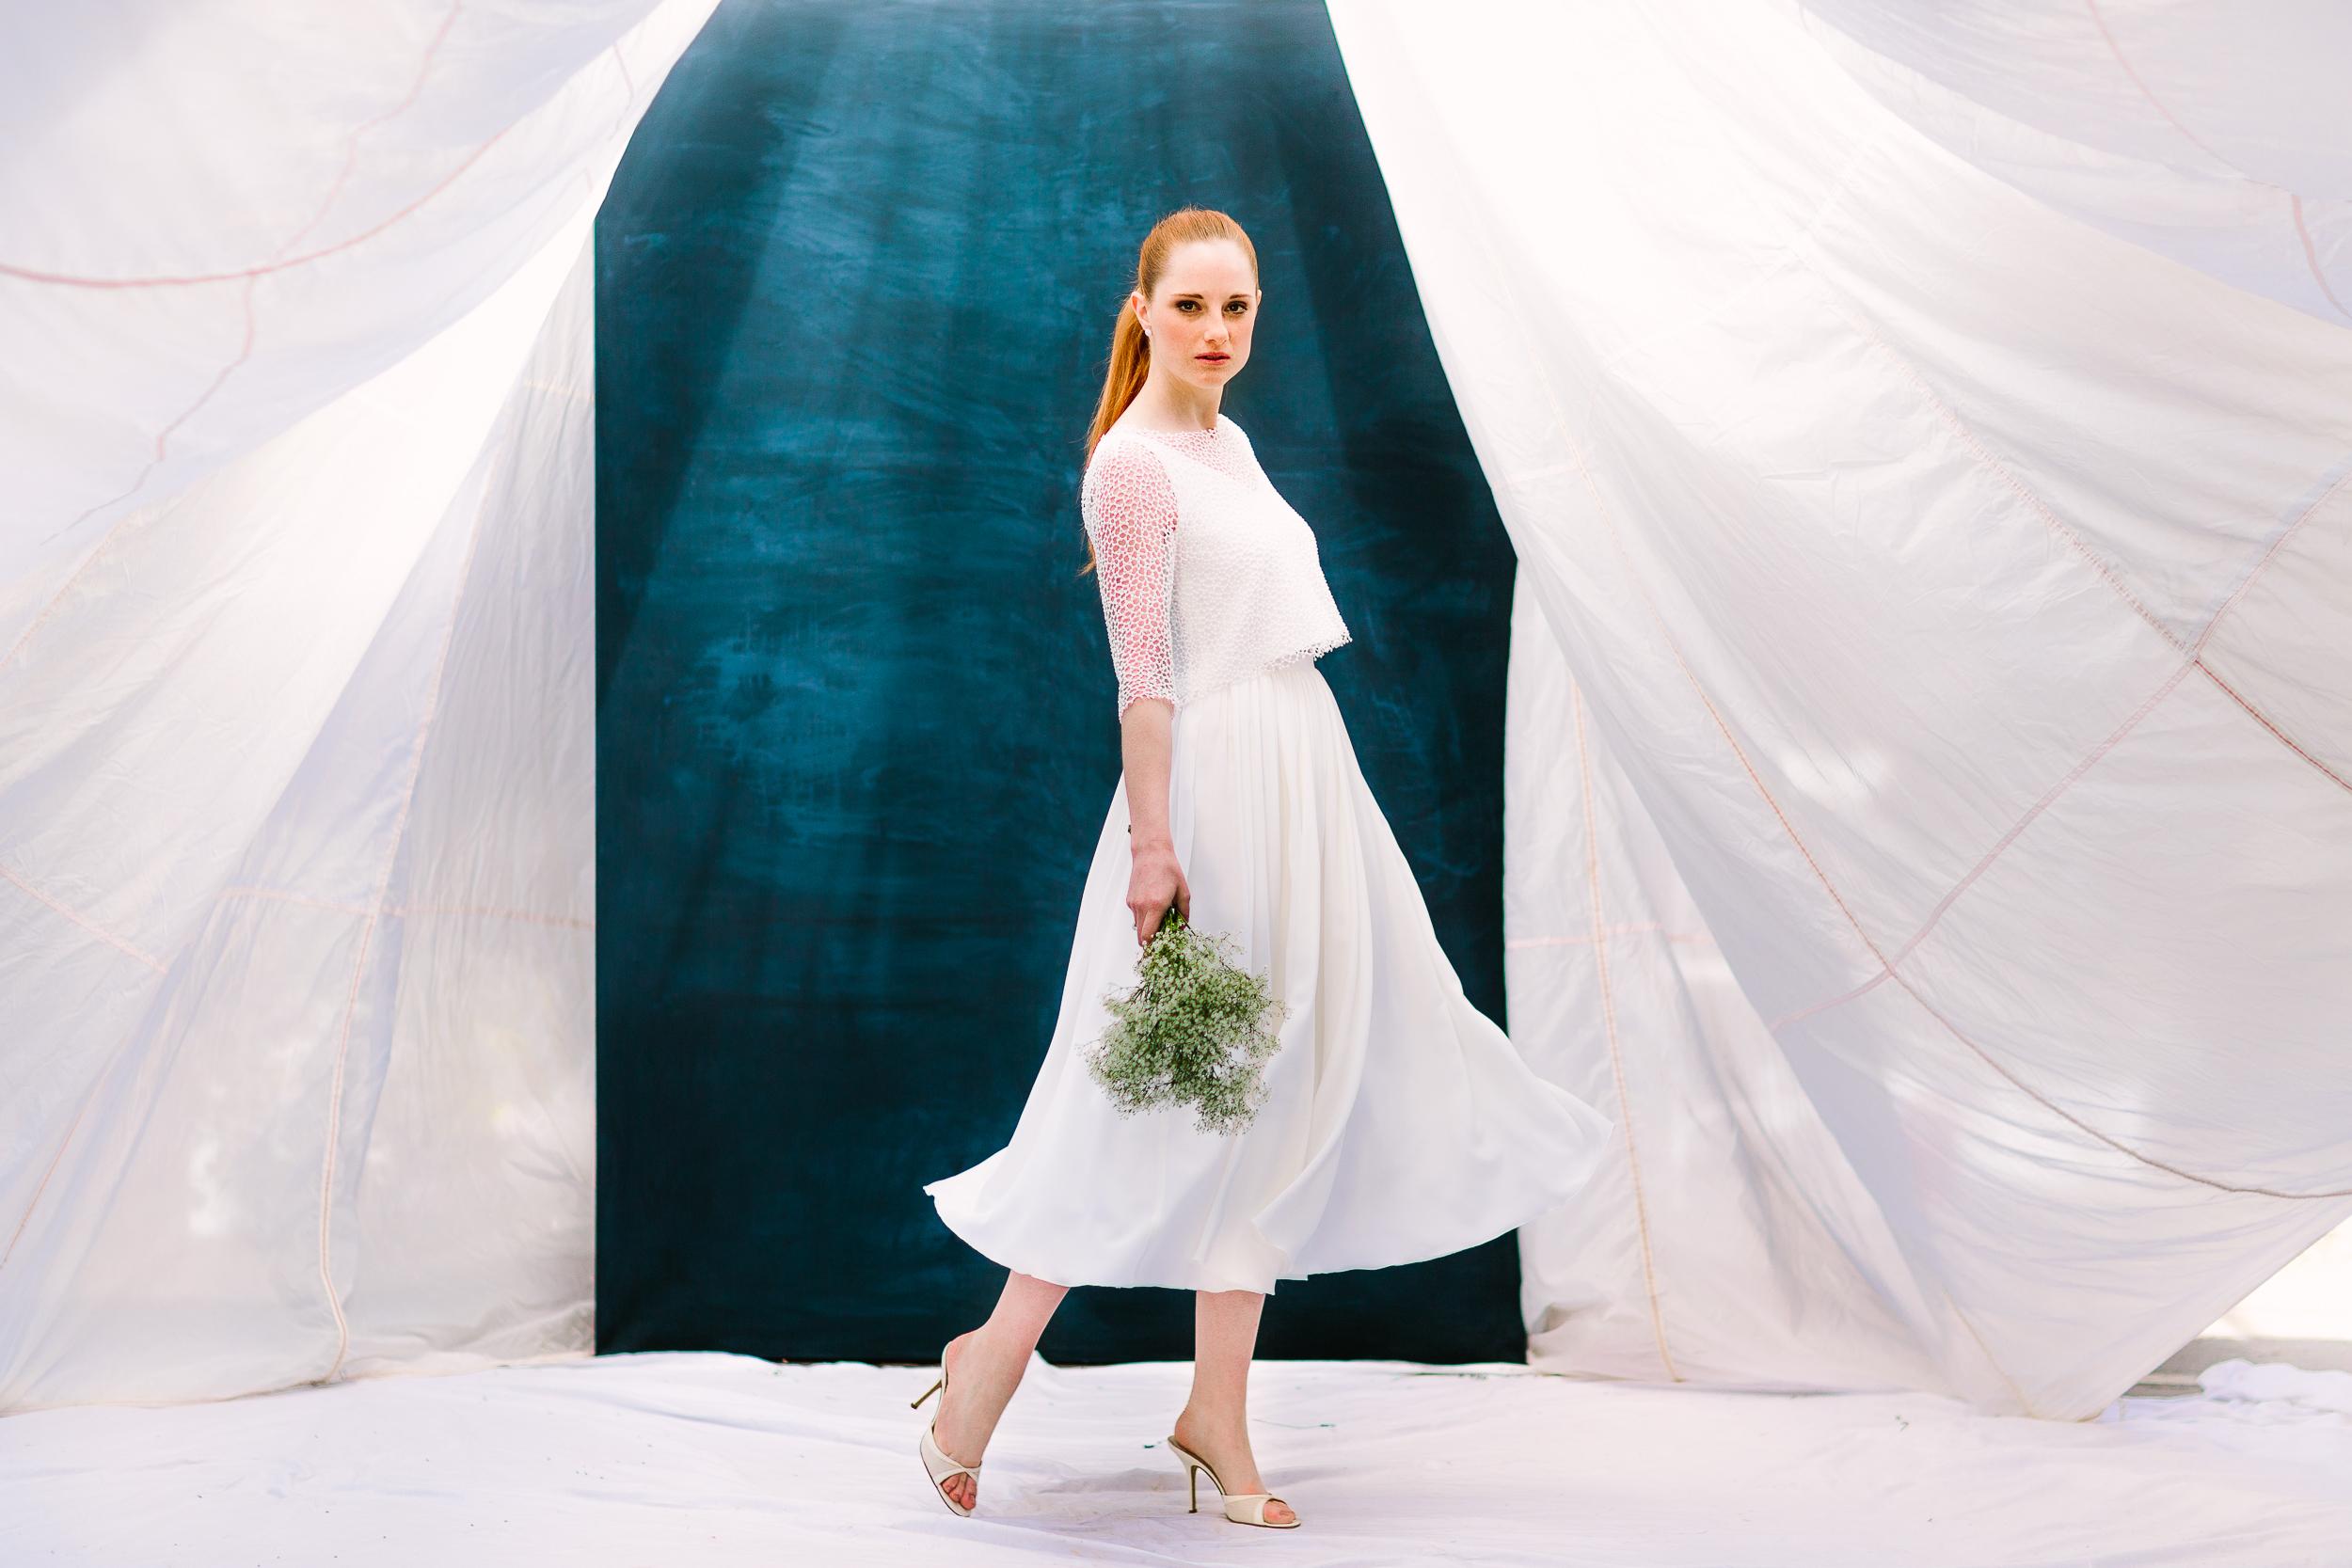 Hochzeitsfotograf LE HAI LINH NONI Federleicht 2017